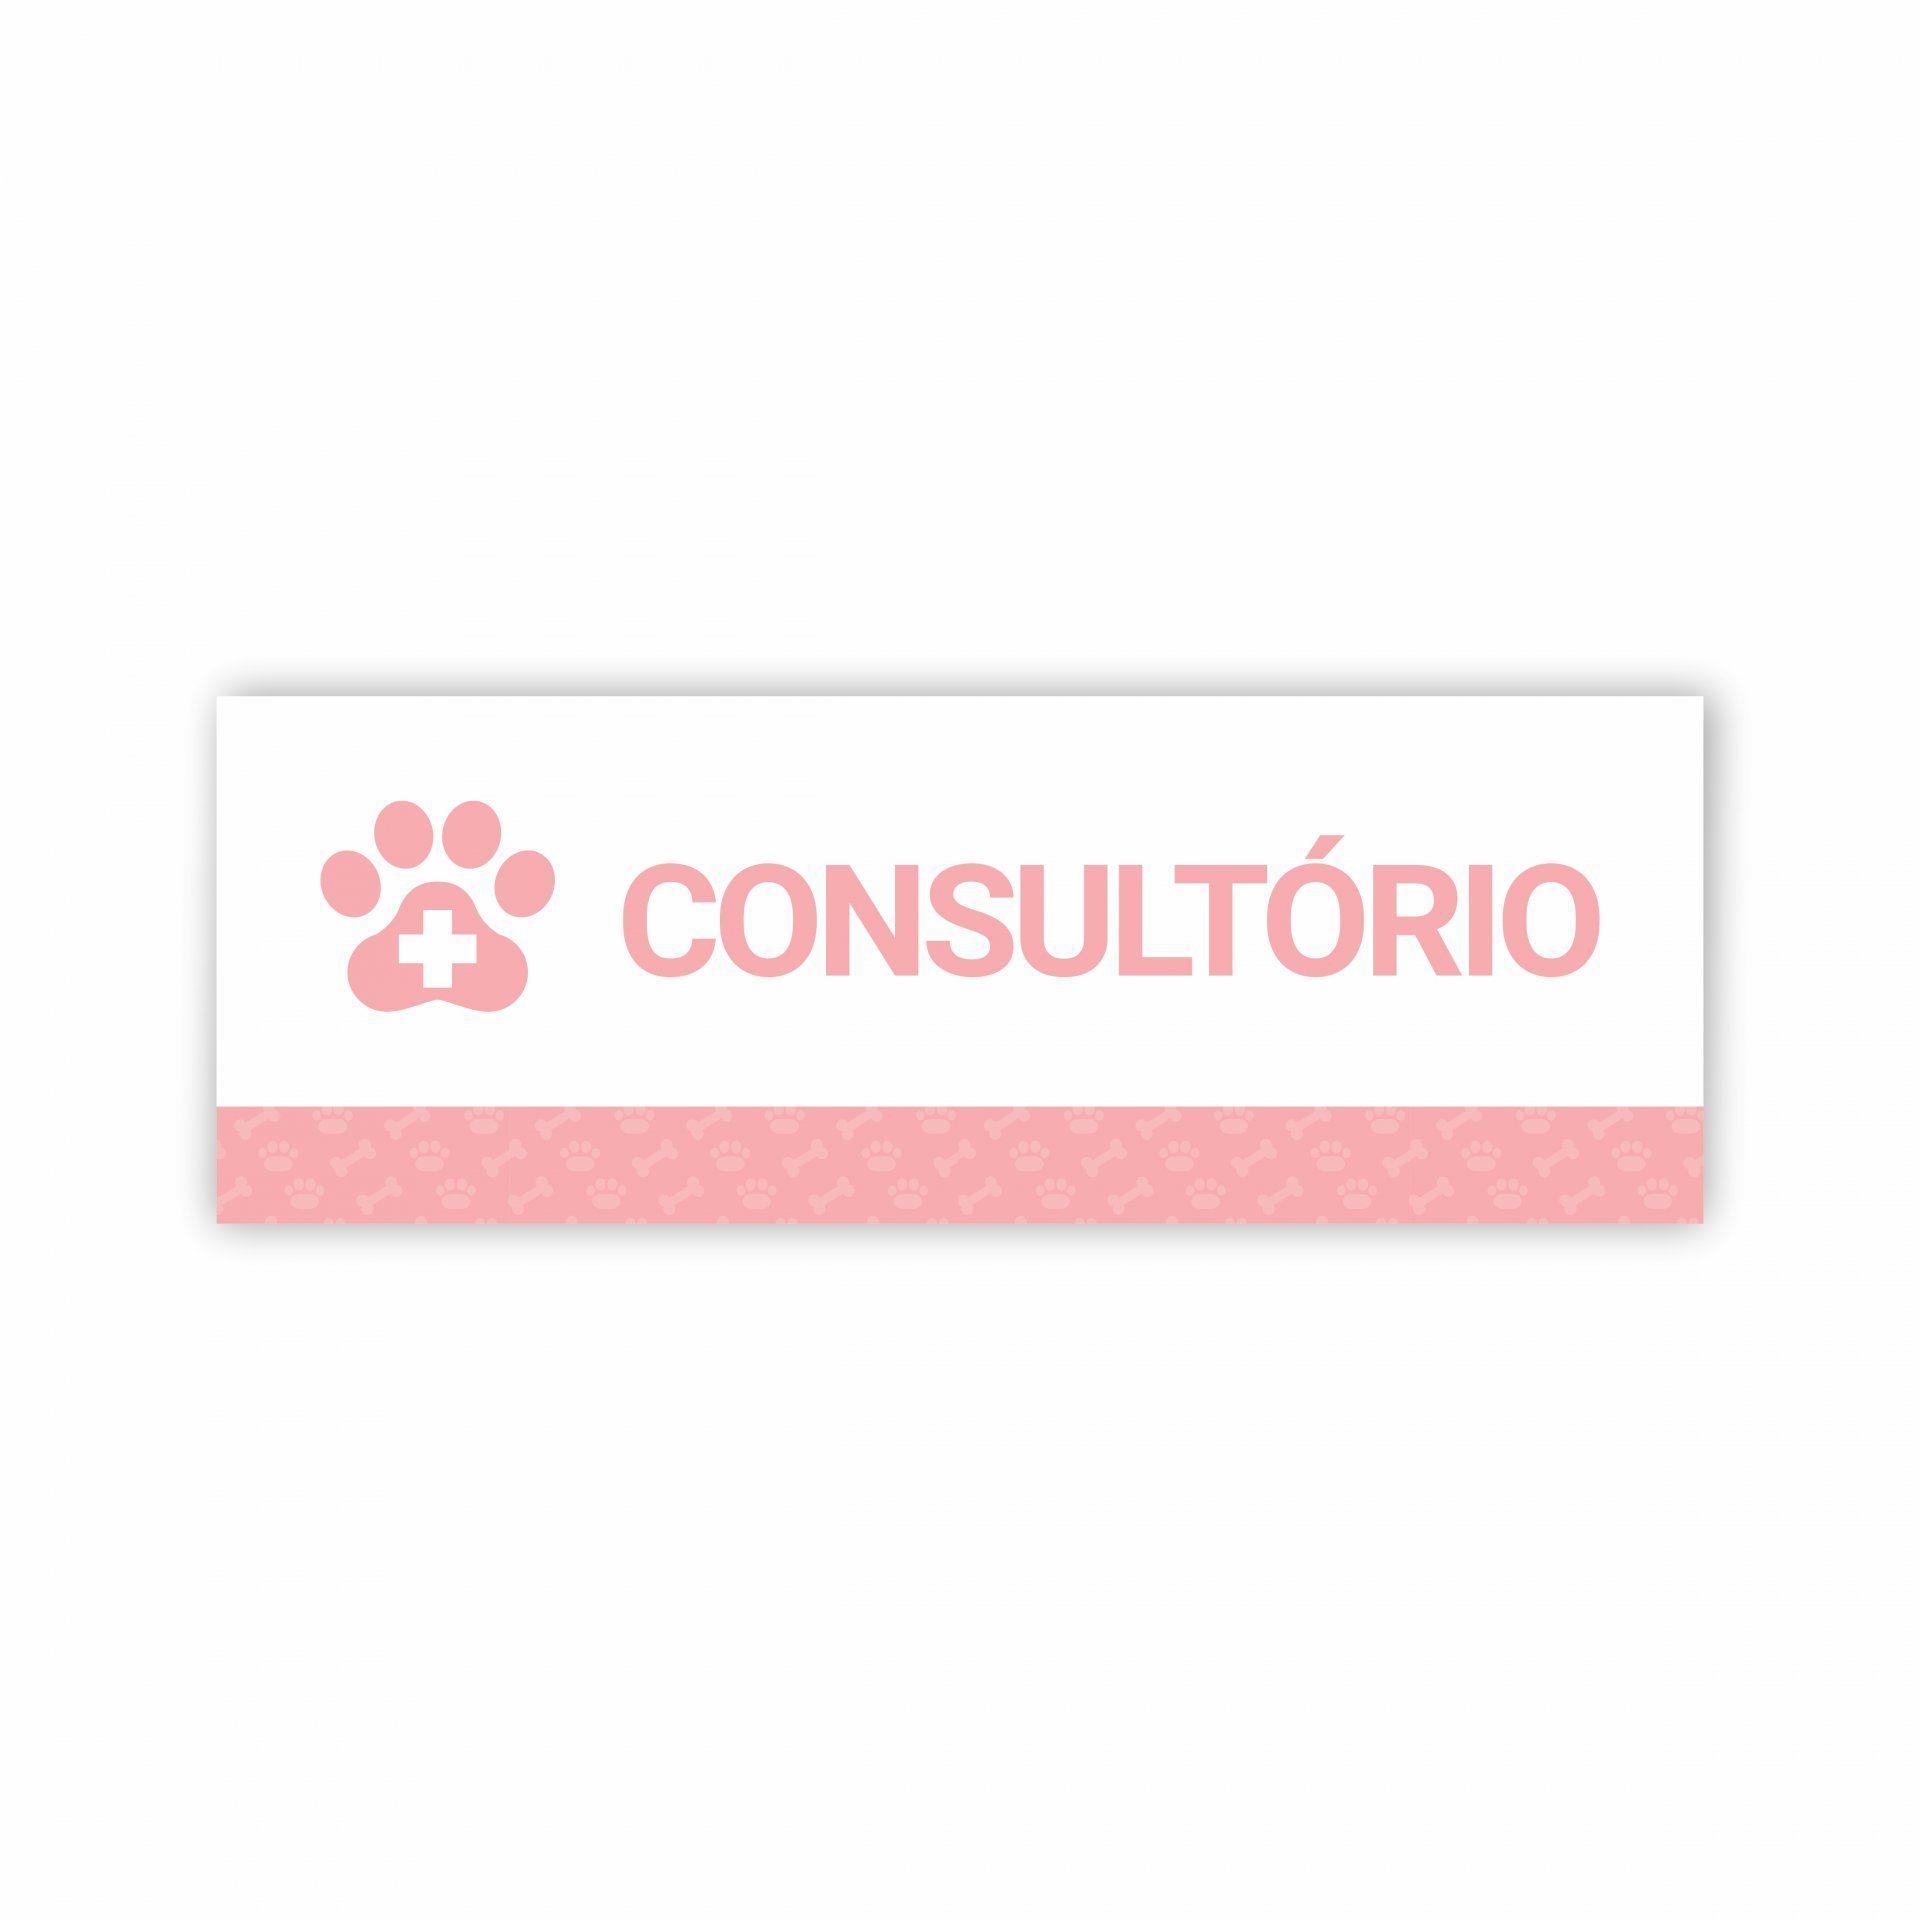 placa-para-clinicas-veterinarias-pet-shop-ou-banho-e-tosa-consultorio